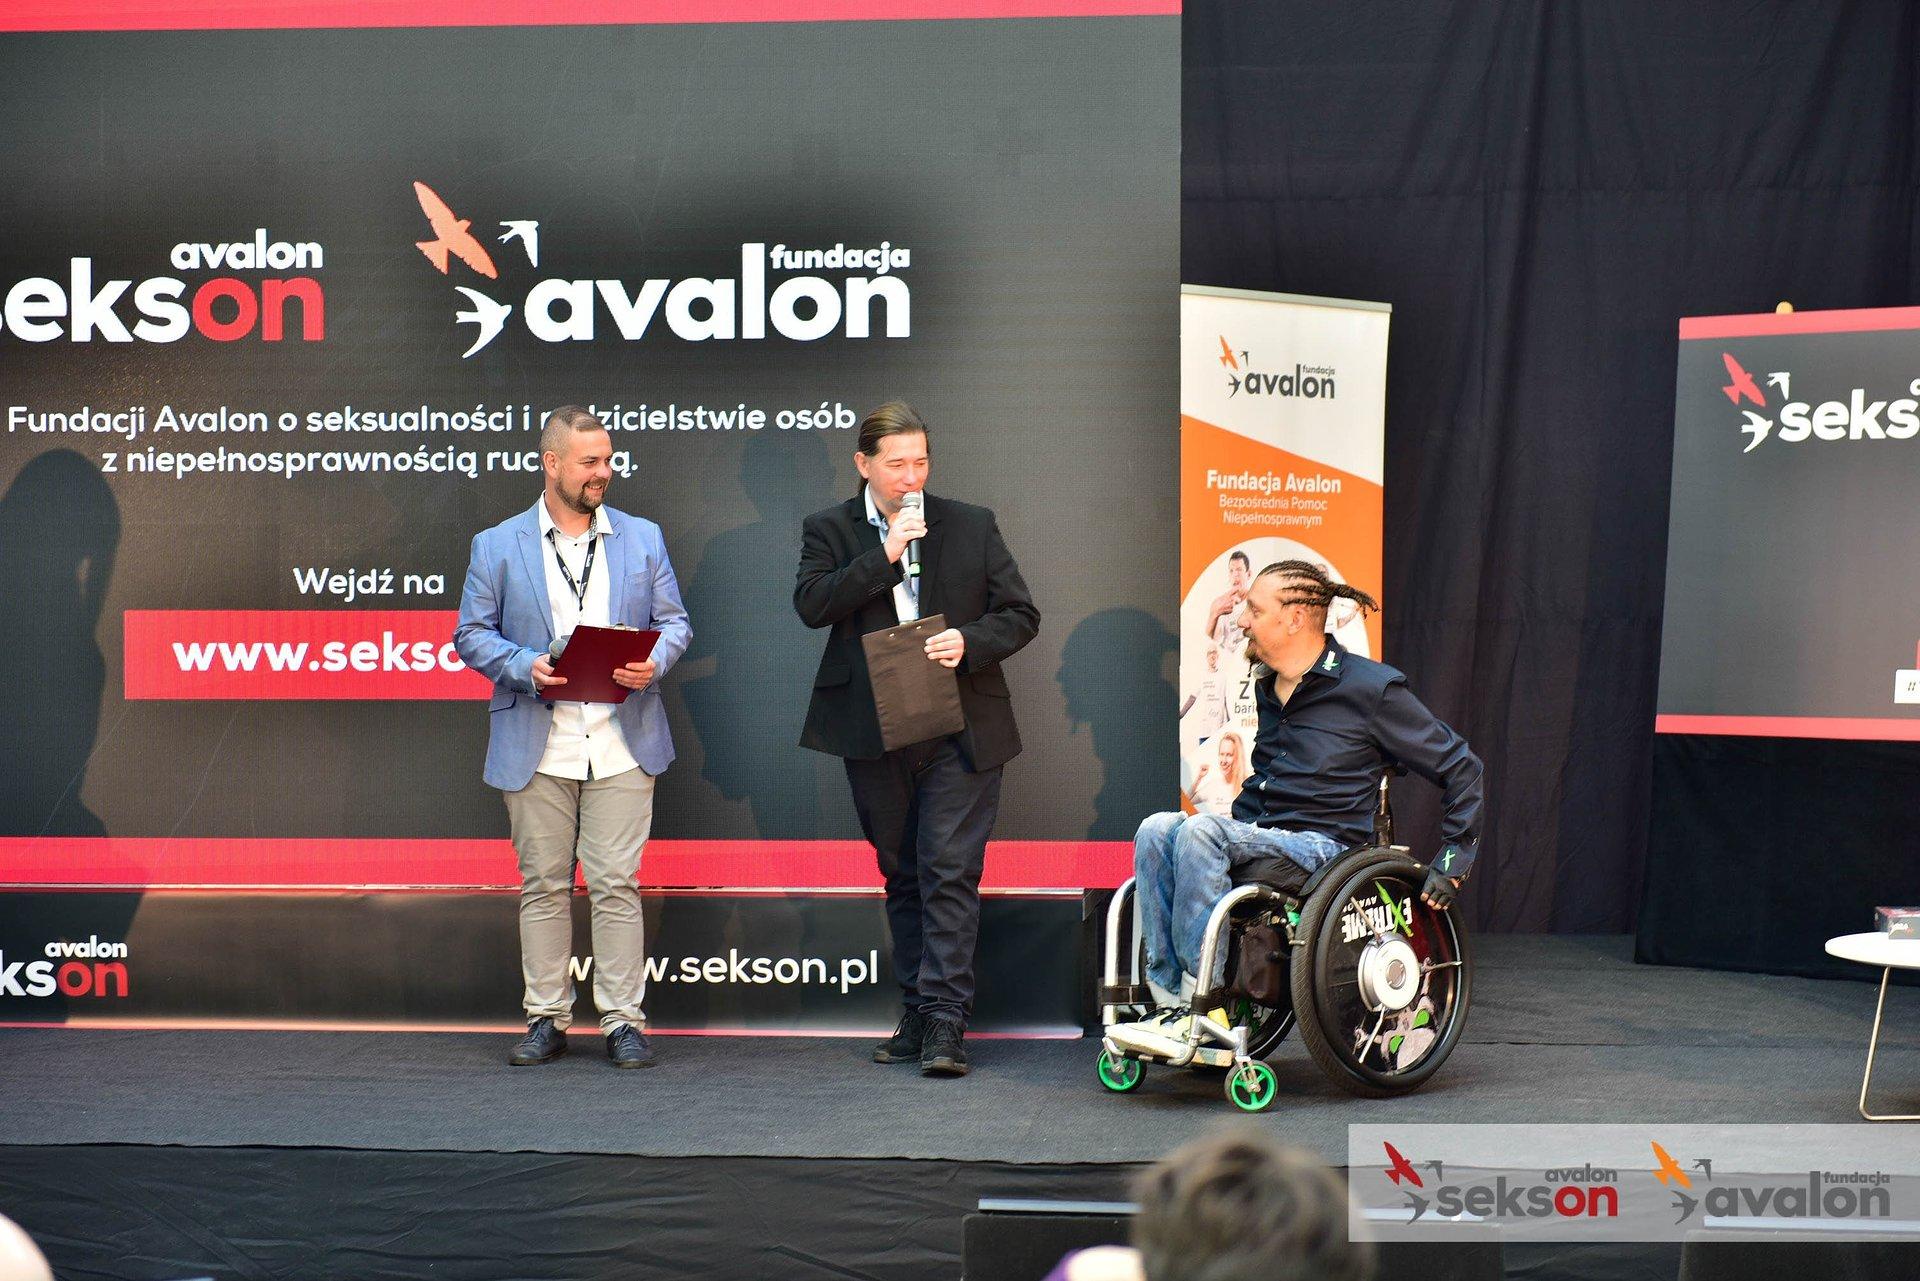 II Konferencja o życiu intymnym osób z niepełnosprawnością ruchową za nami!